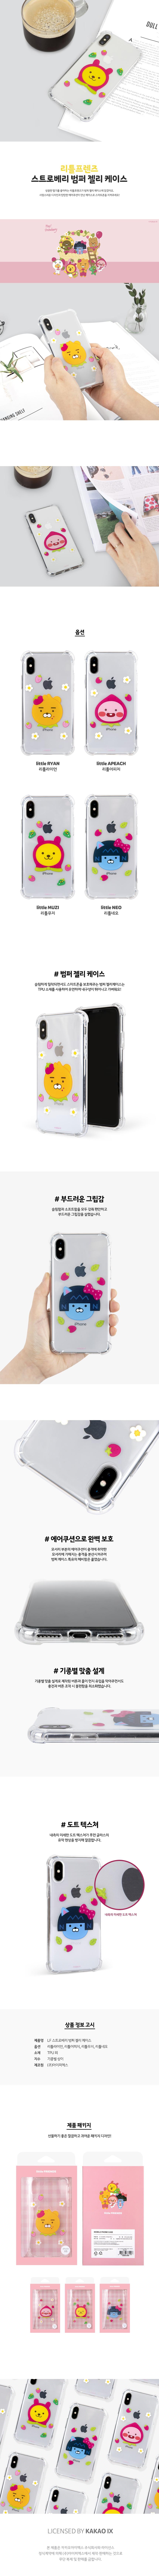 아이폰XS MAX 카카오 리틀프렌즈 스트로베리 투명 젤리 케이스 - 쓰리엑스, 15,000원, 케이스, 아이폰XS MAX